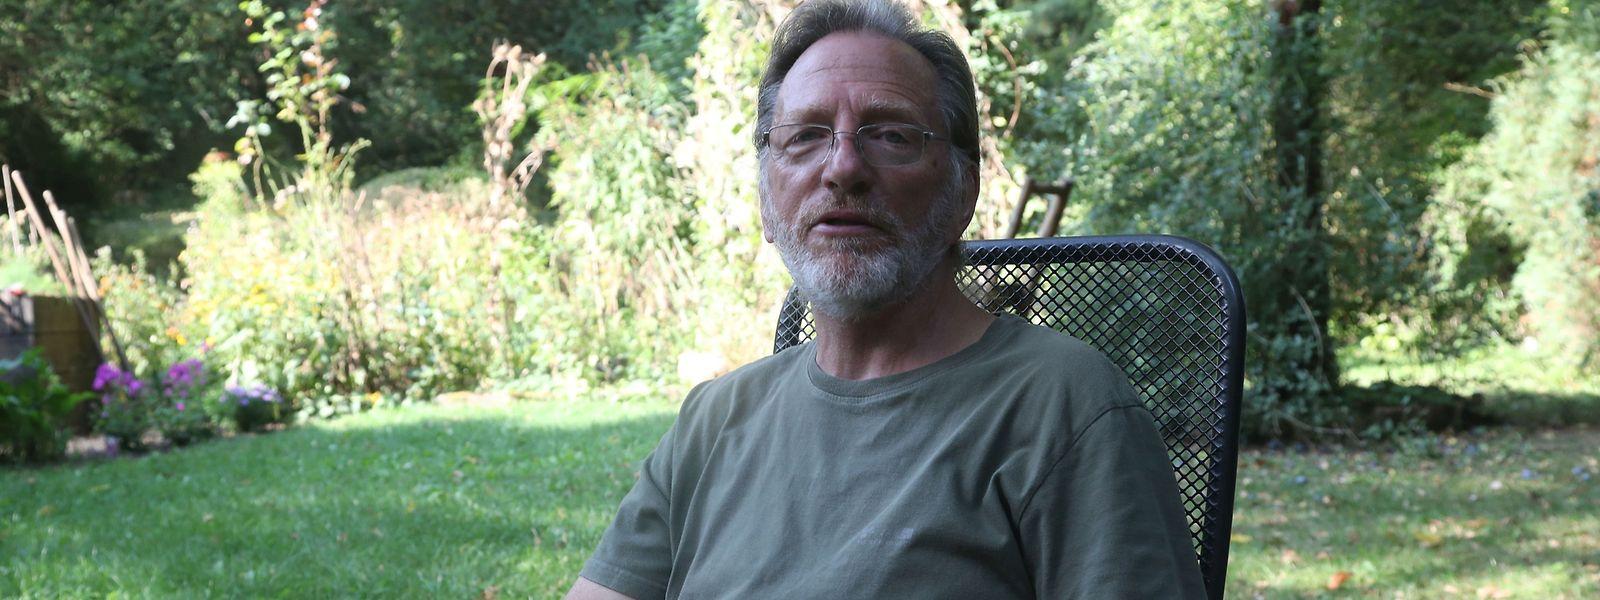 Josy Cungs ist seit seiner Kindheit engagierter Naturschützer.